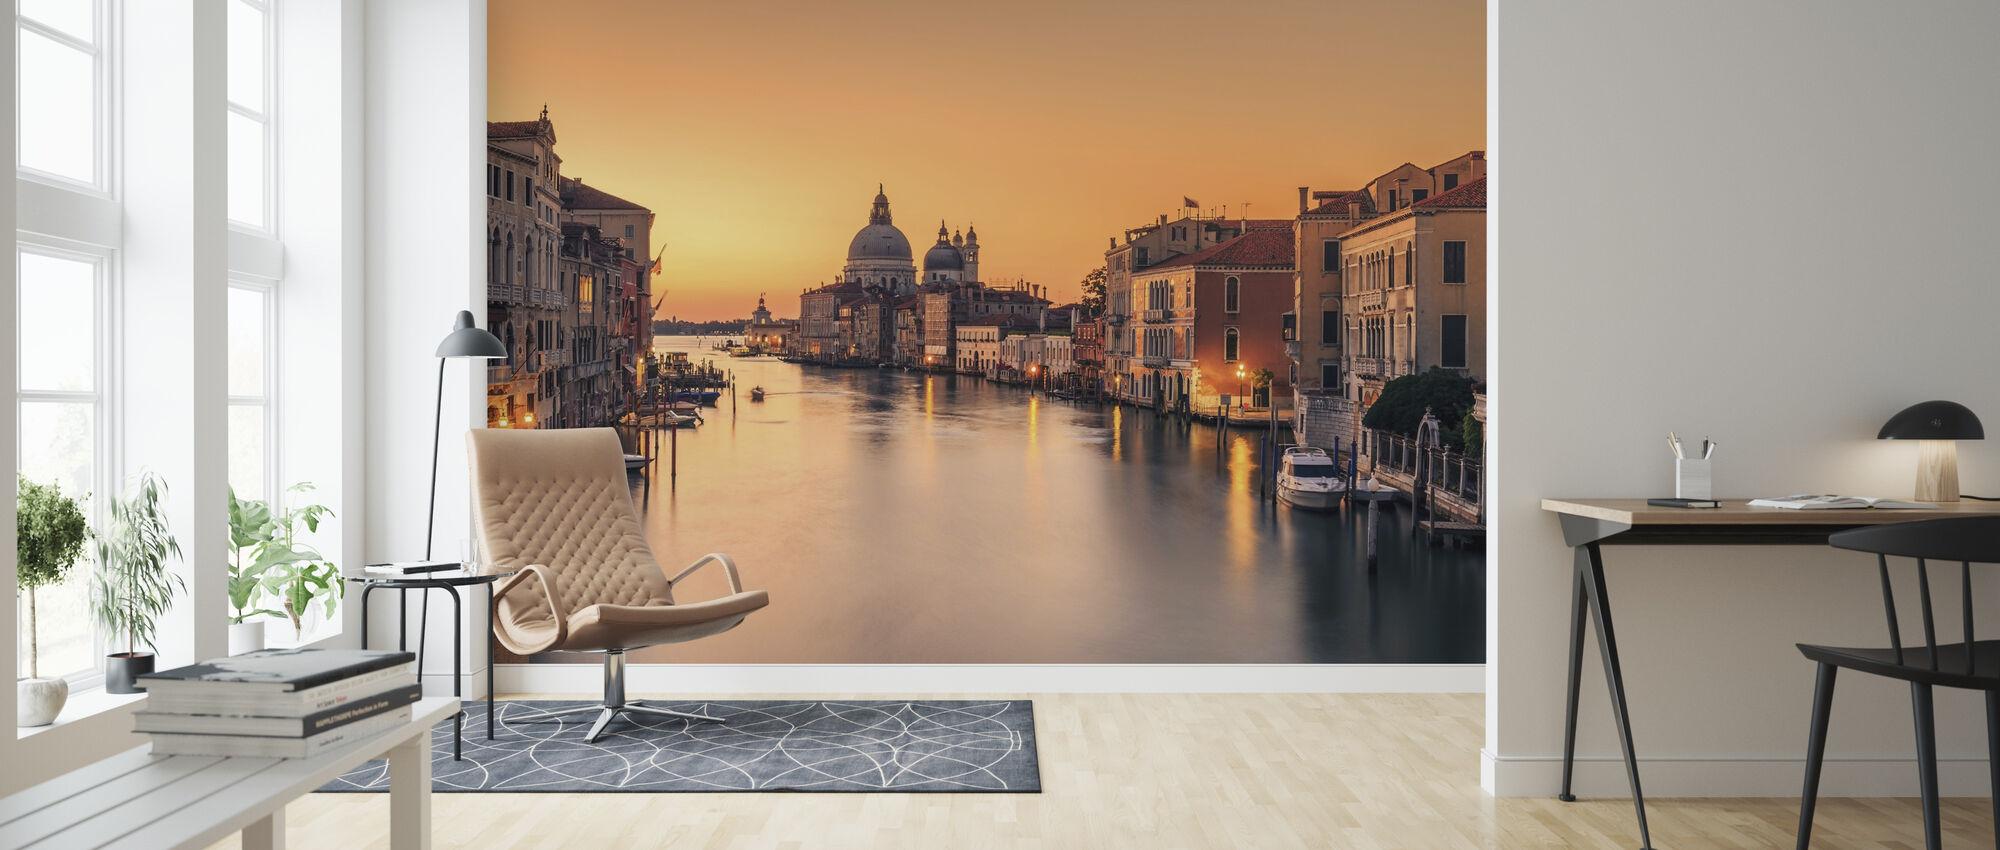 Gryning på Venedig - Tapet - Vardagsrum